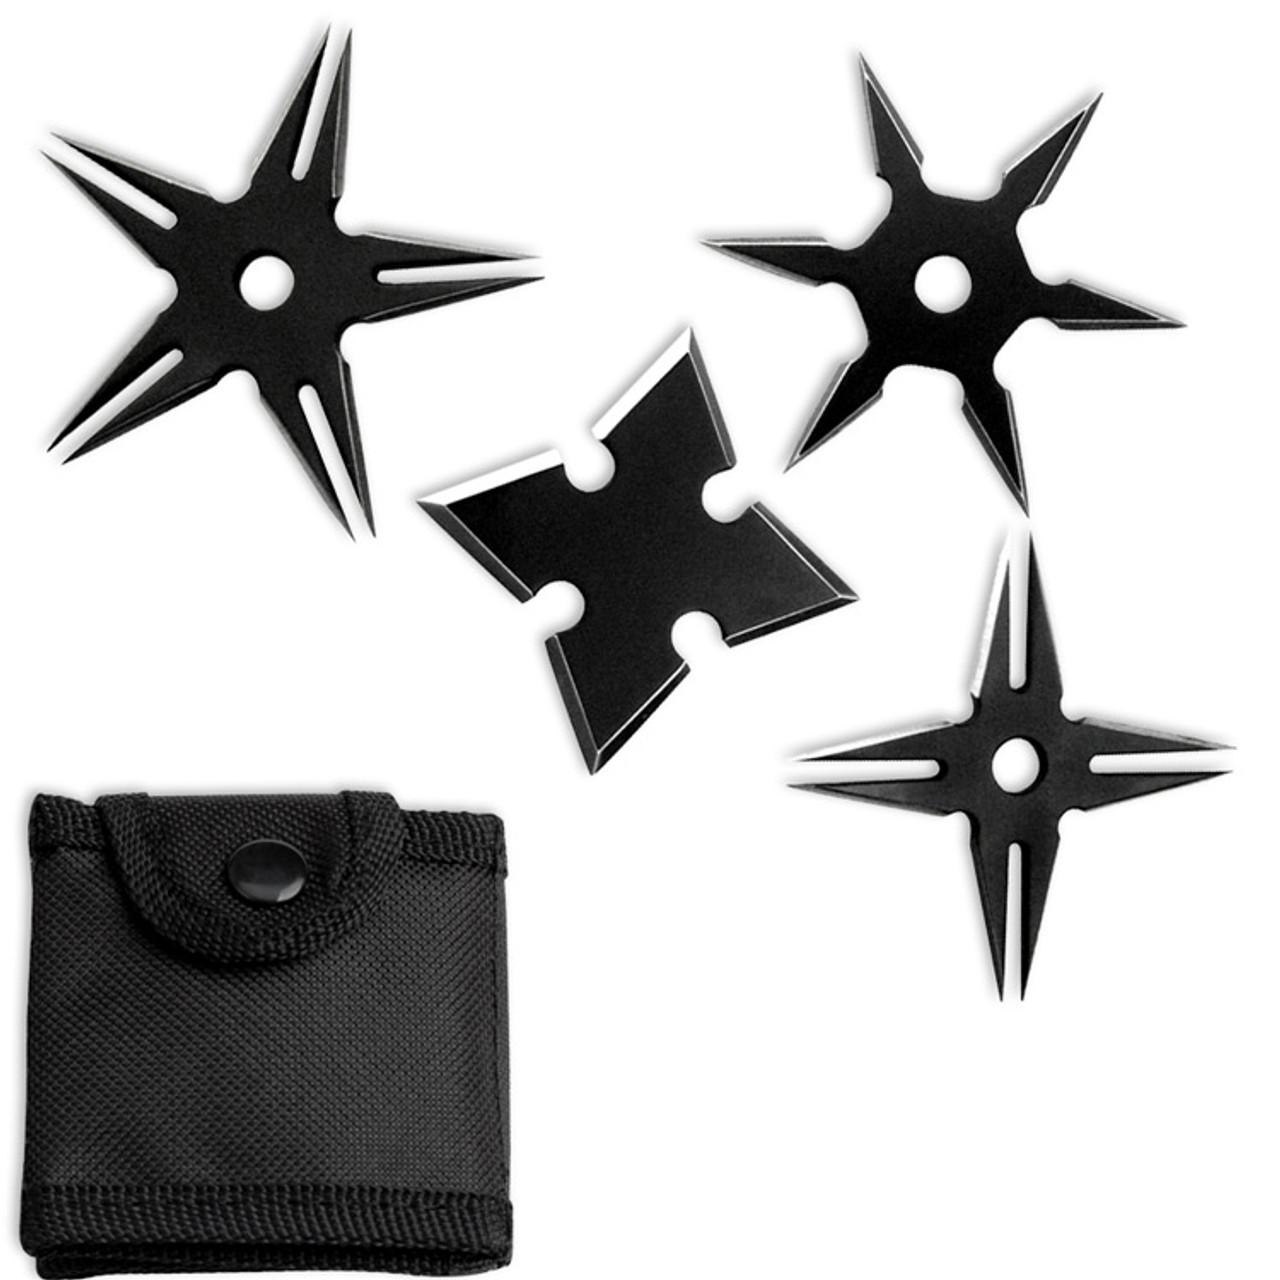 Sedroc Ninja Throwing Star Carry Case with Belt Loop